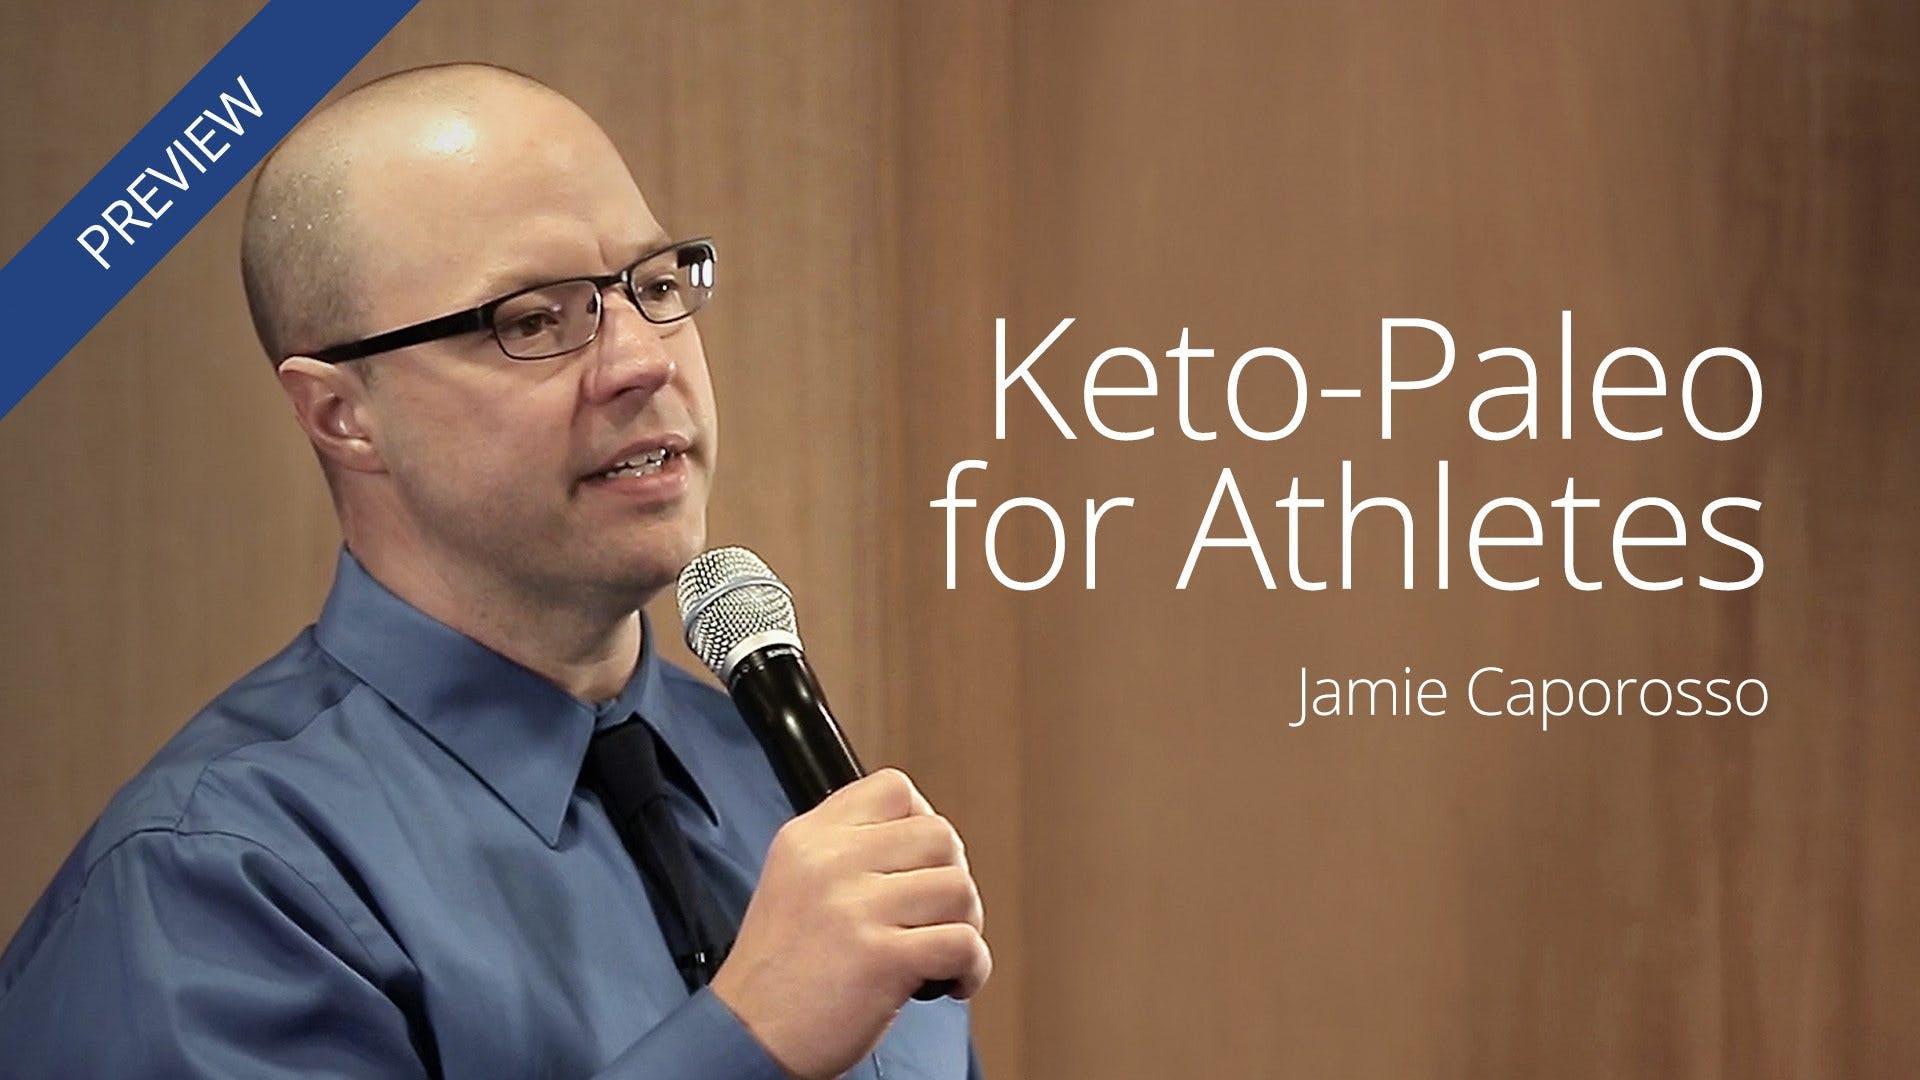 Keto-Paleo for Athletes –Jamie Caporosso